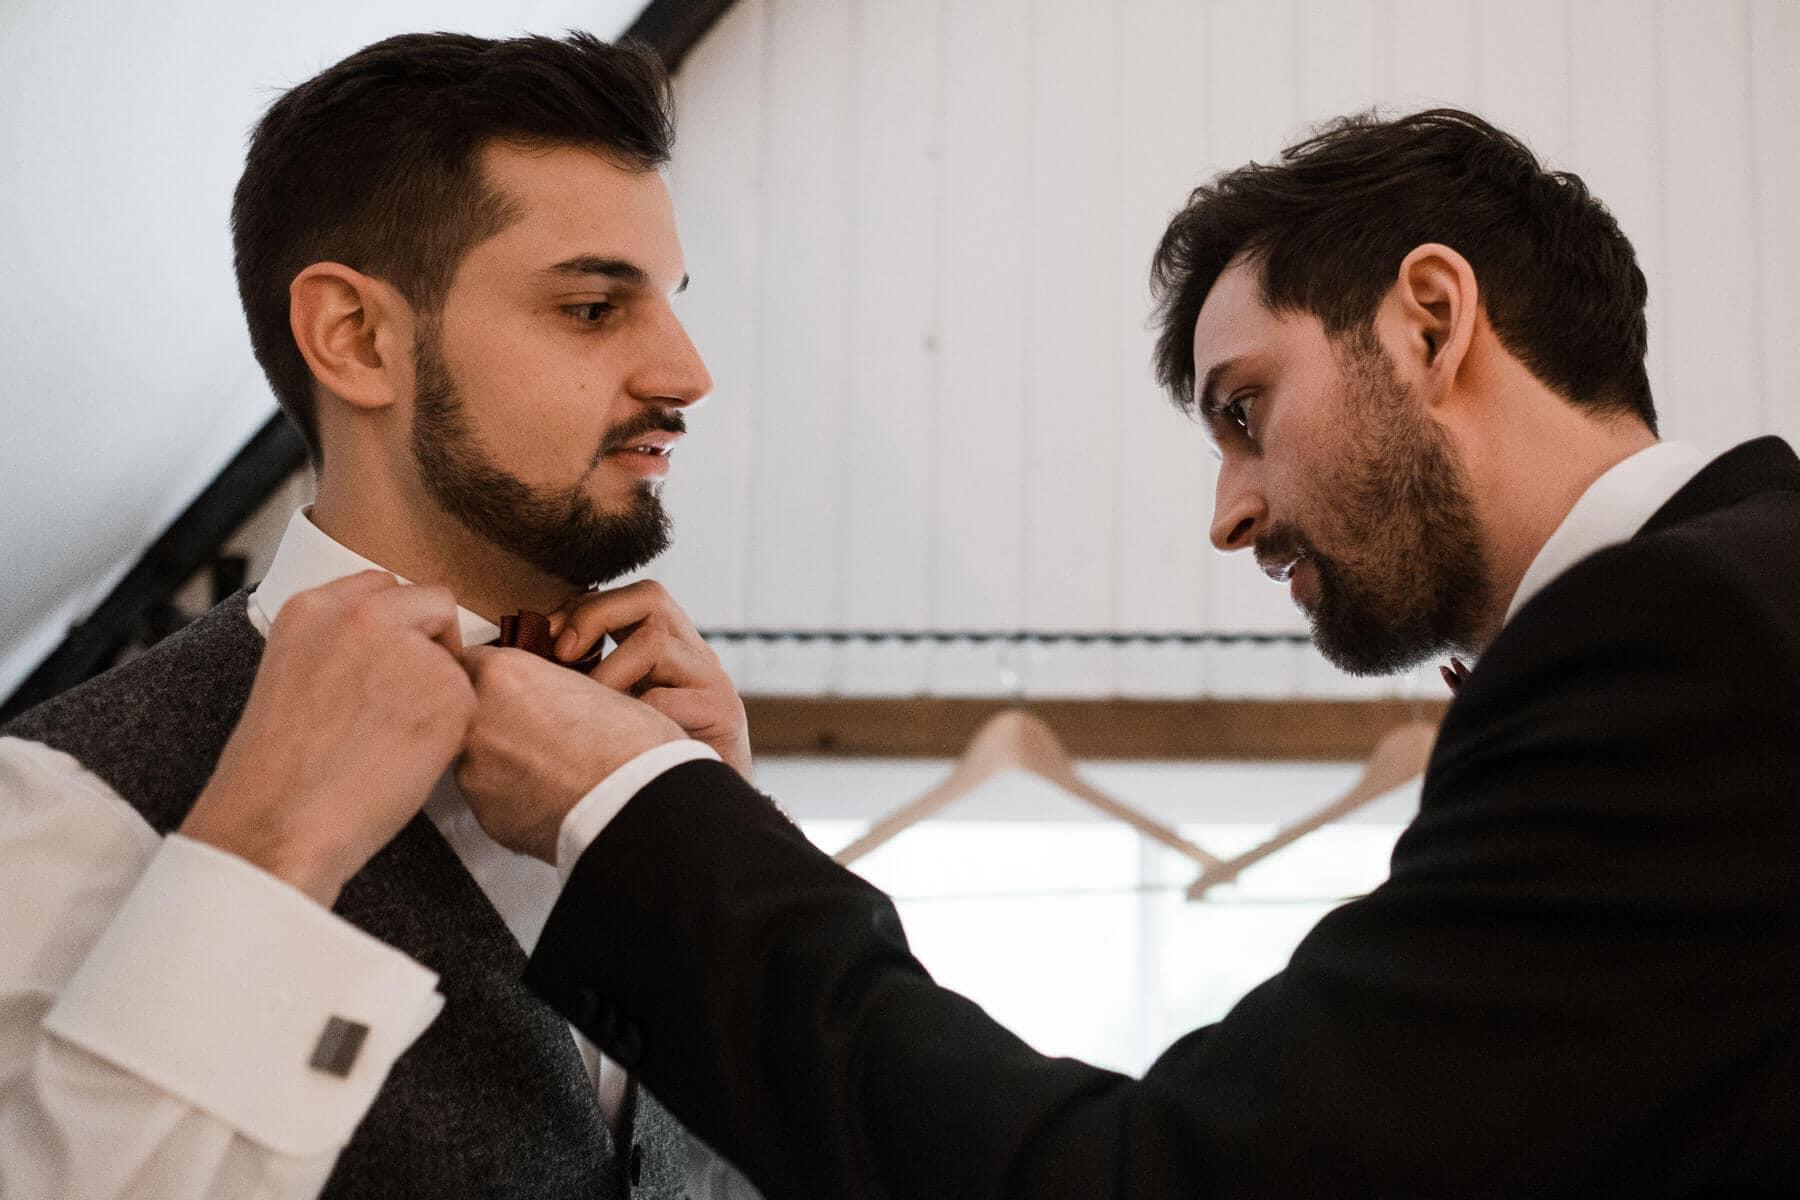 der Bräutigam steht mit einem weiteren Mann in einem Zimmer in einem Landhaus, der Bräutigam trägt ein weißes Hemd und eine Weste, sowie eine Fliege, der andere Mann trägt einen schwarzen Anzug, er richtet dem Bräutigam die Fliege